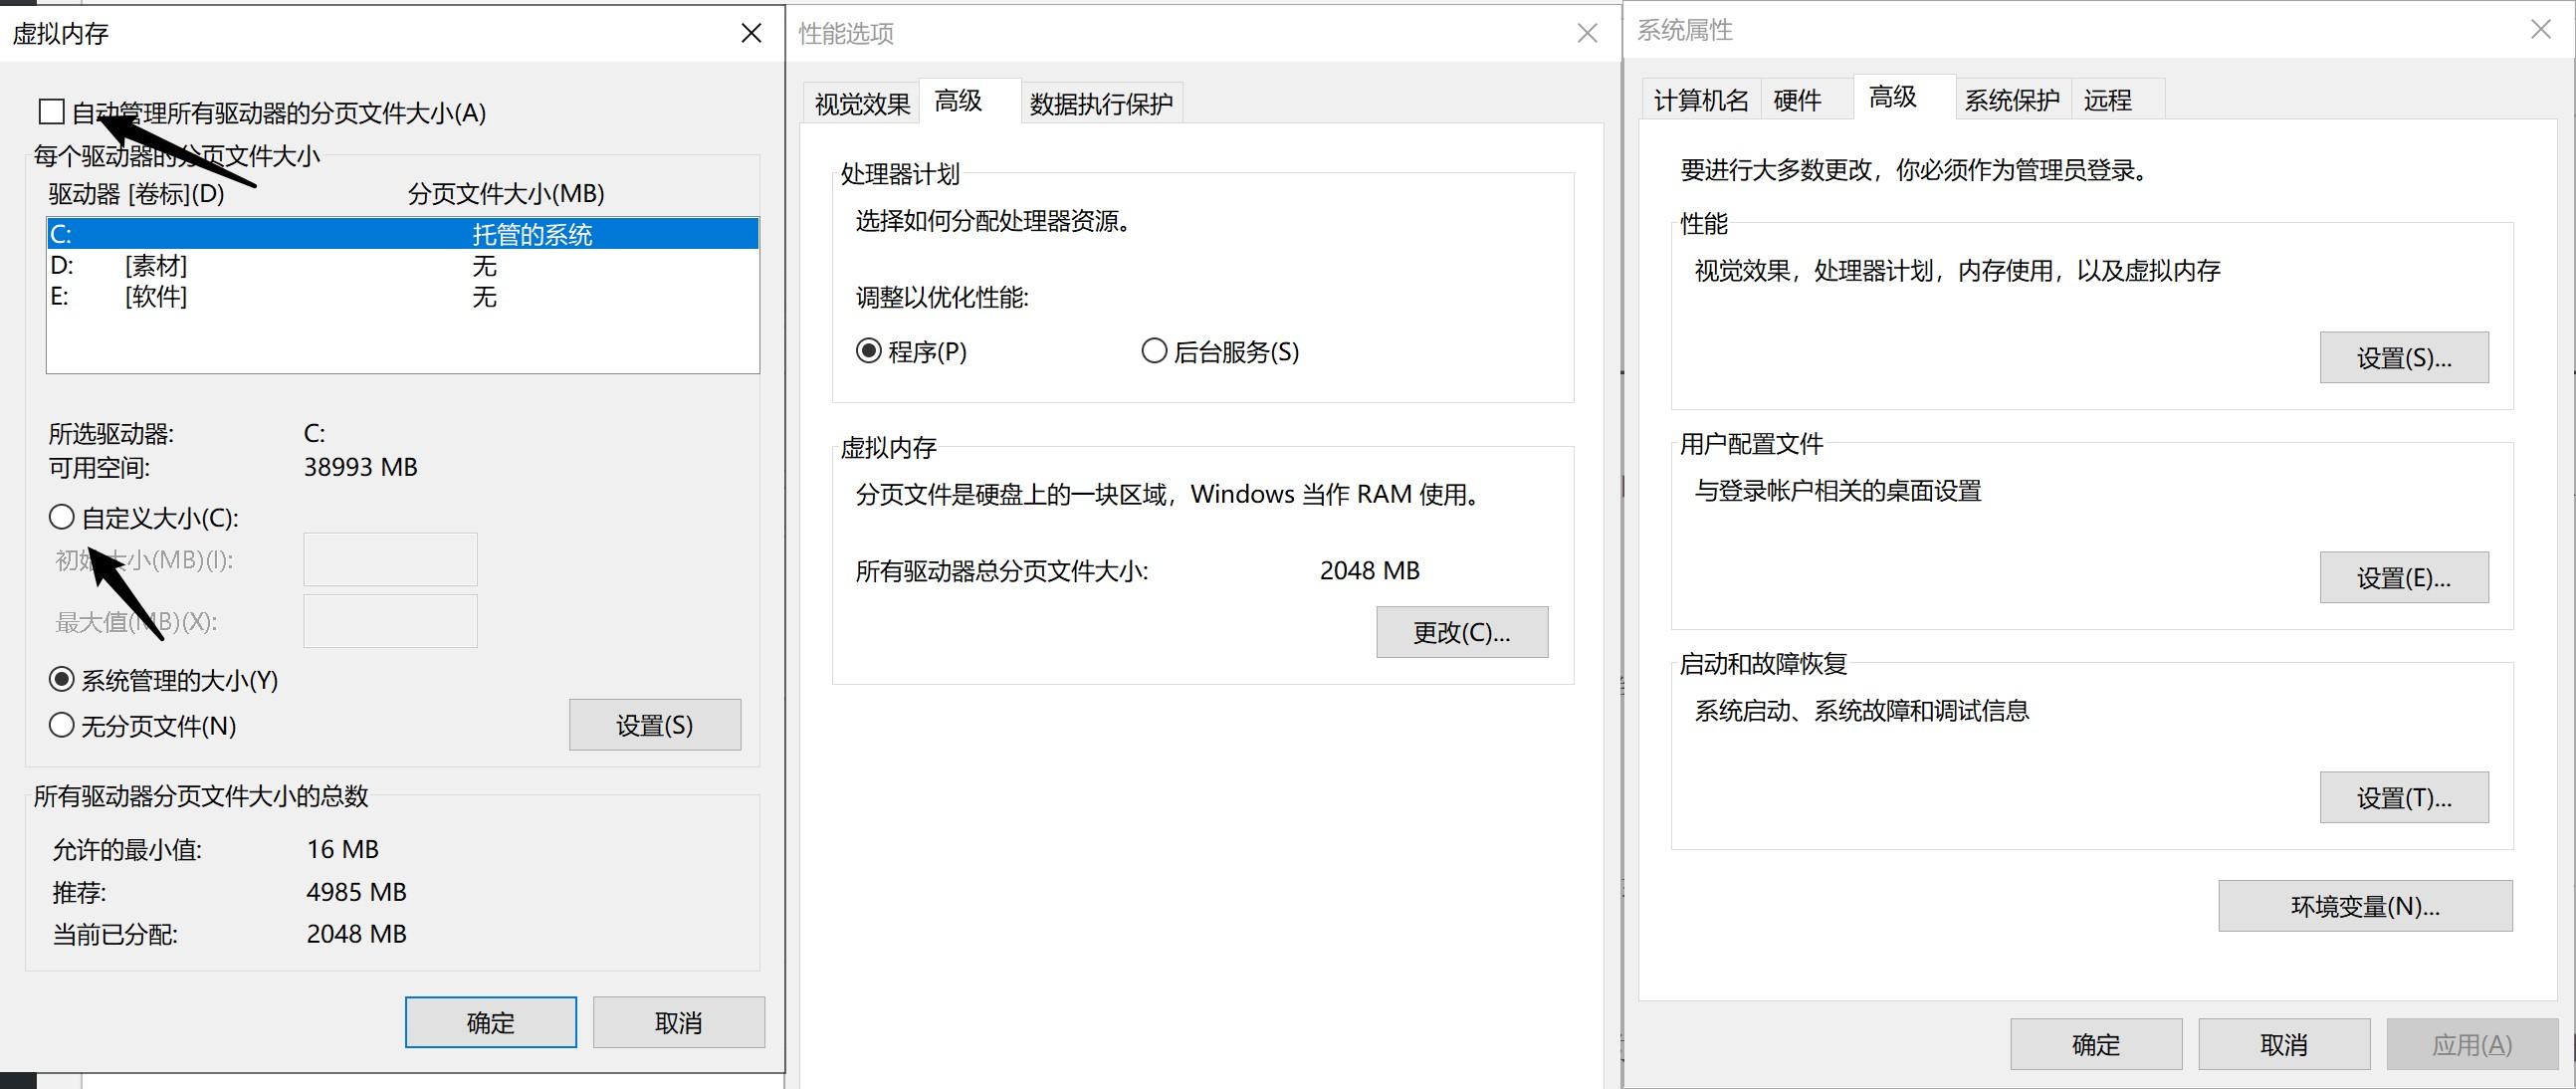 虚拟内存设置页面